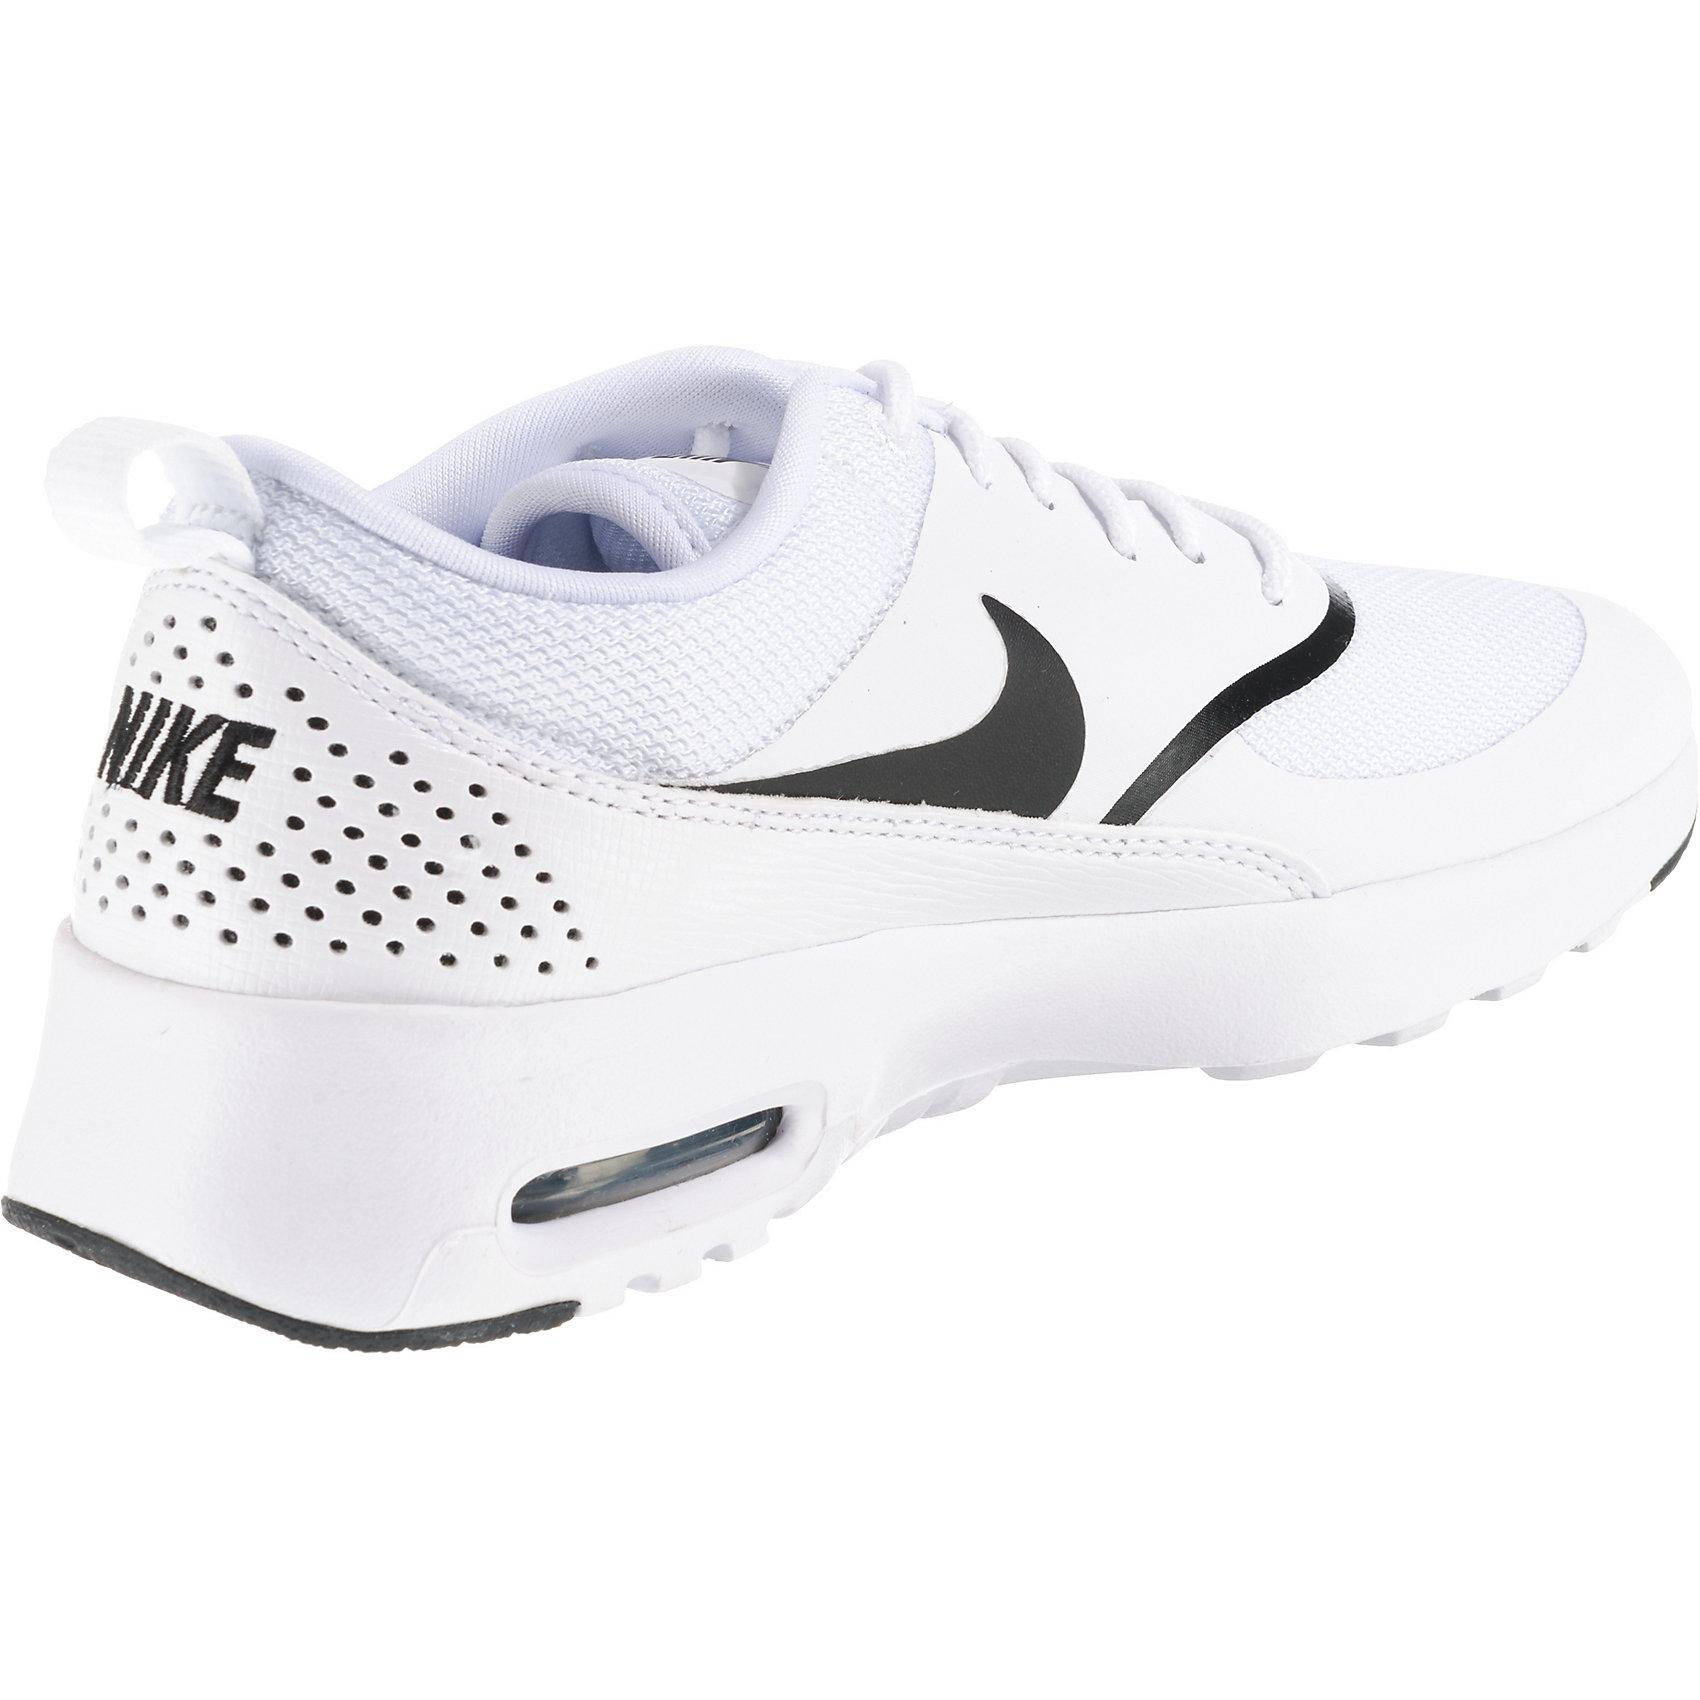 Details zu Neu Nike Sportswear Air Max Thea Sneakers 7631497 für Damen